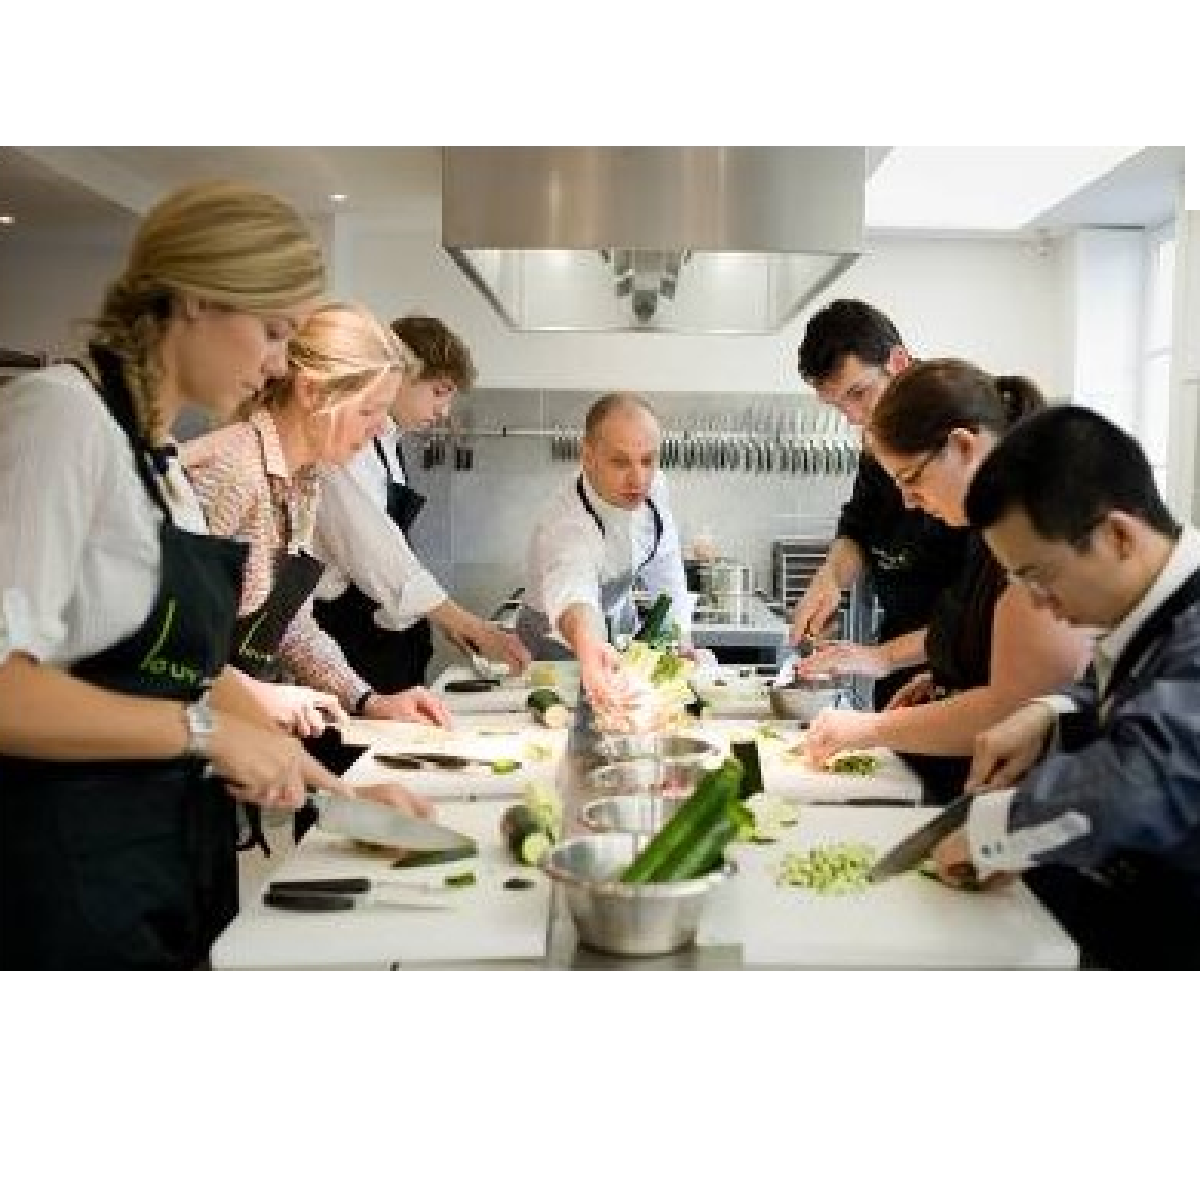 Cadeaux 2 ouf id es de cadeaux insolites et originaux - Offrir un cours de cuisine ...